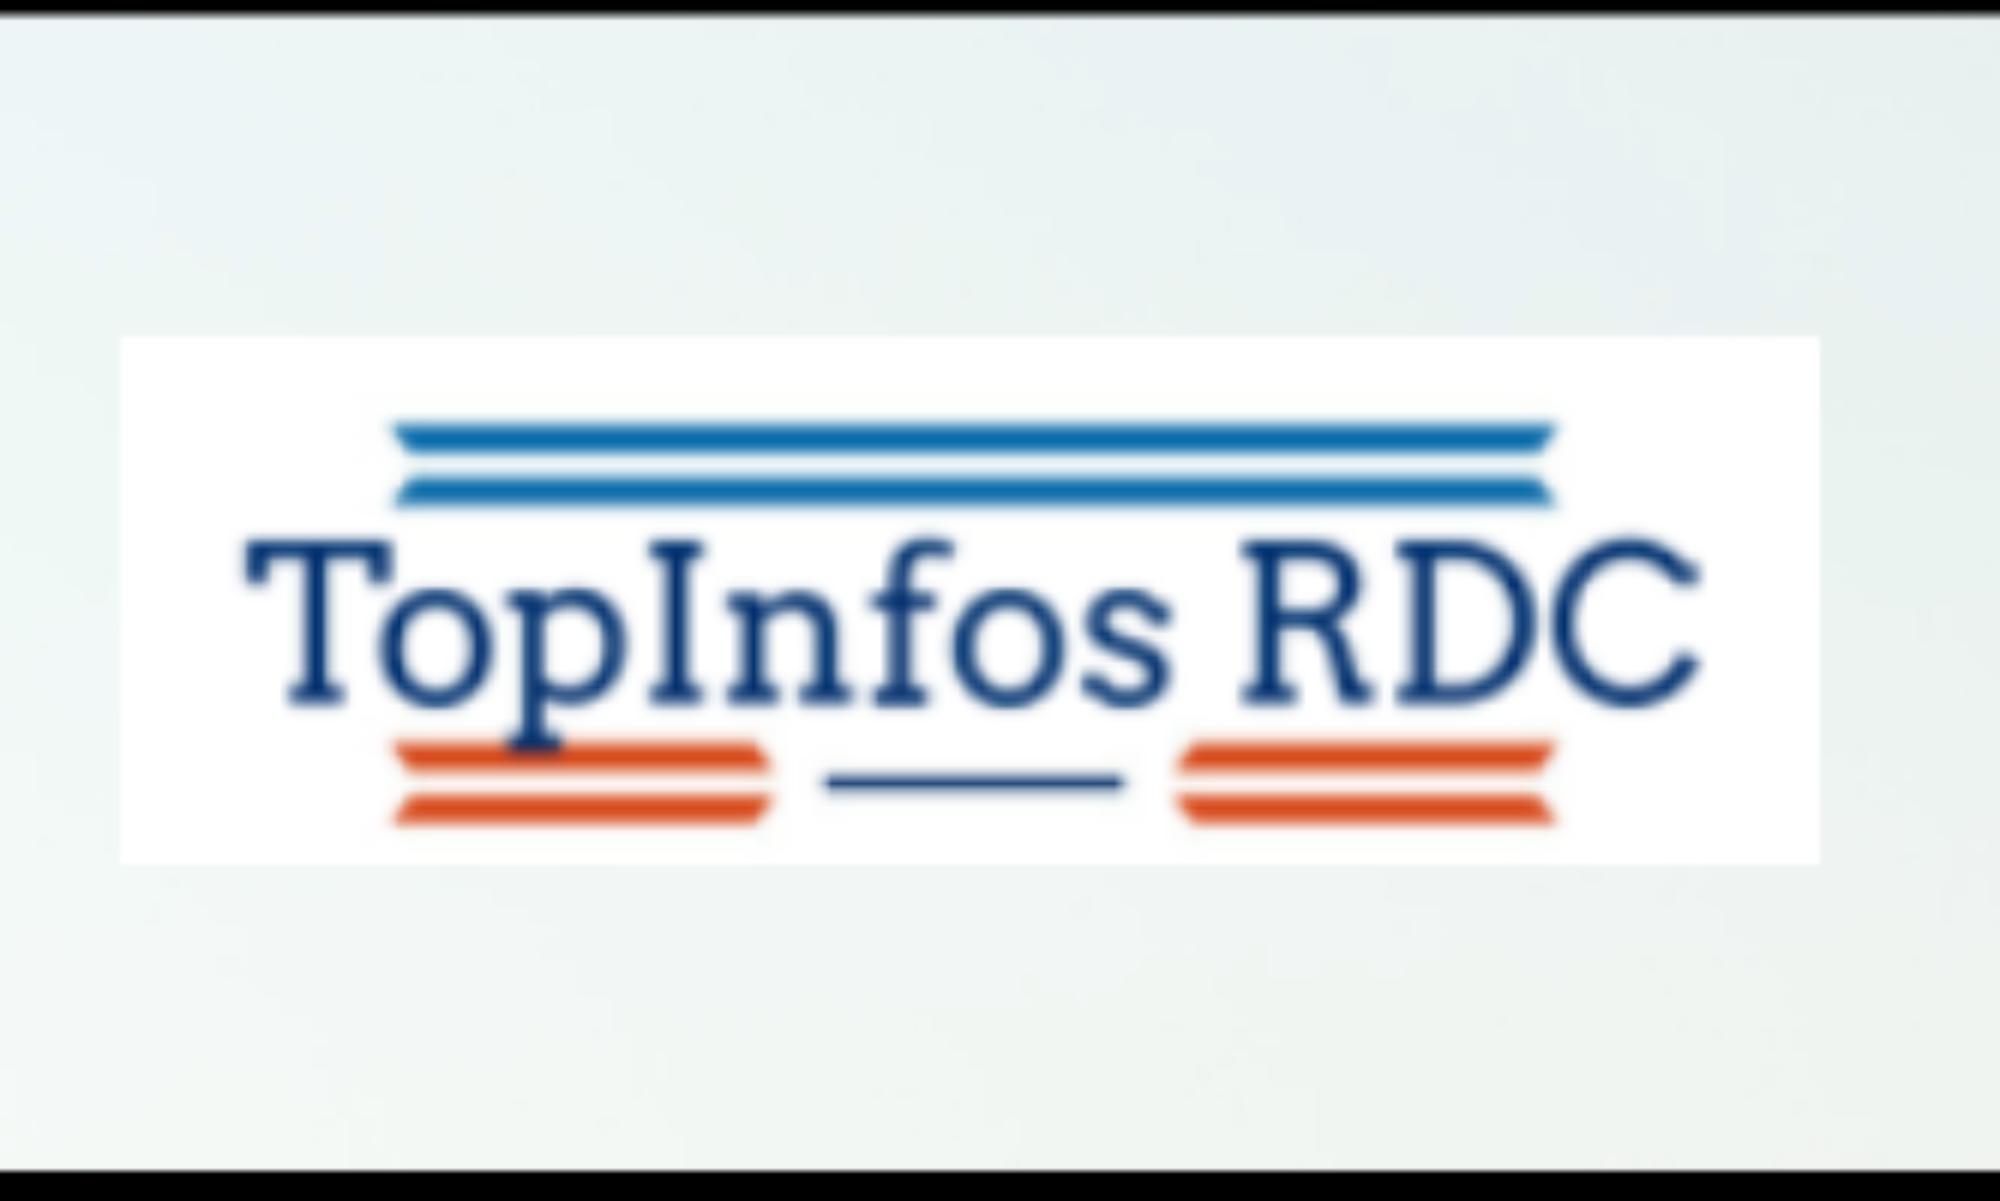 TopInfos-RDC